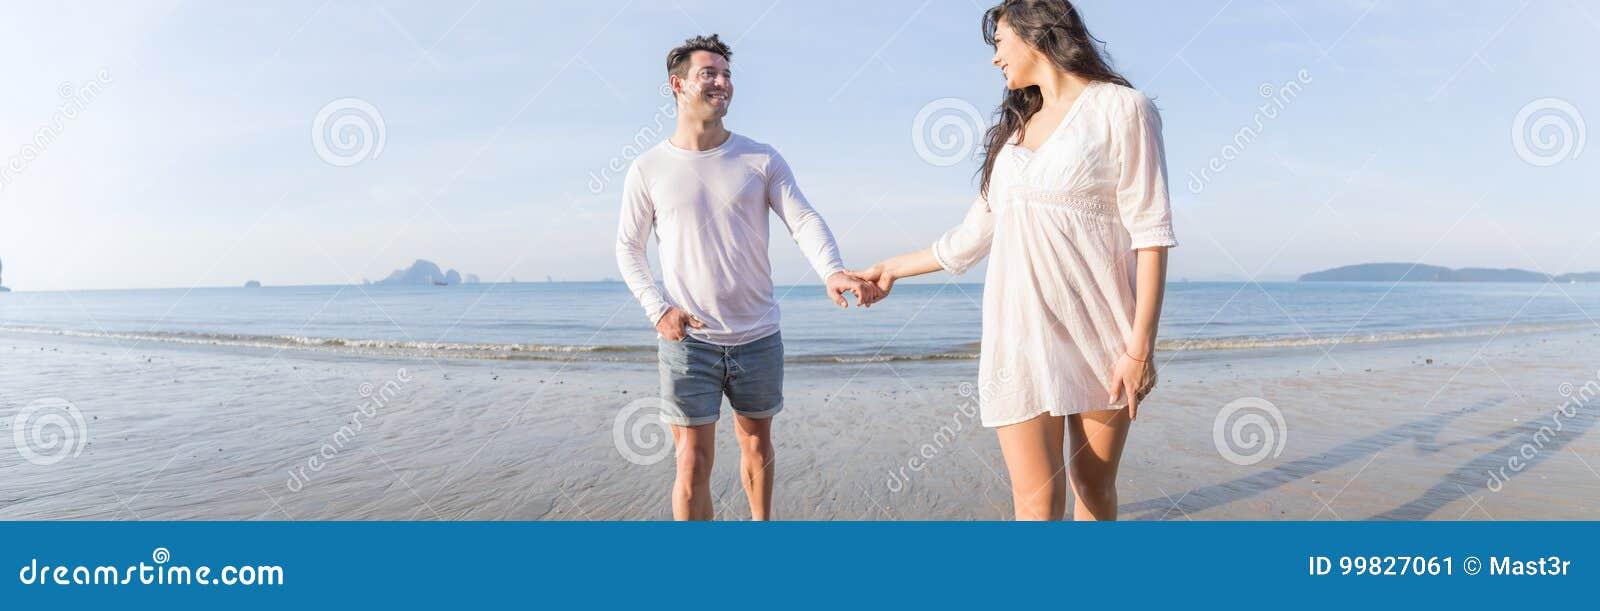 Пары на летних каникулах пляжа, красивые молодые счастливые люди в влюбленности идя, улыбка женщины человека держа руки